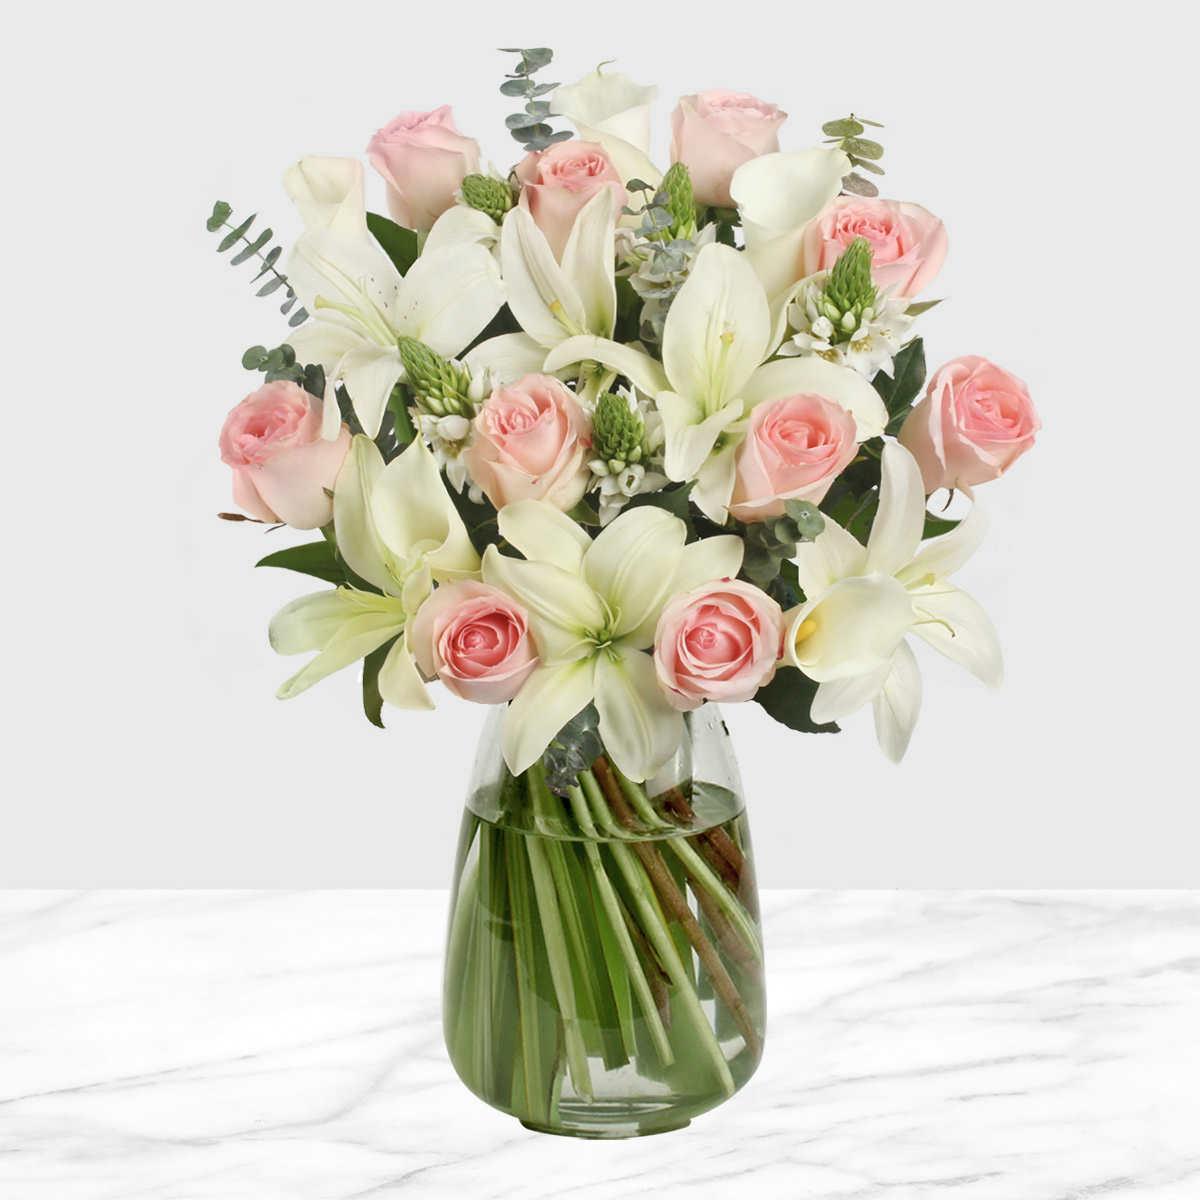 Floral Arrangements truly sweet floral arrangement